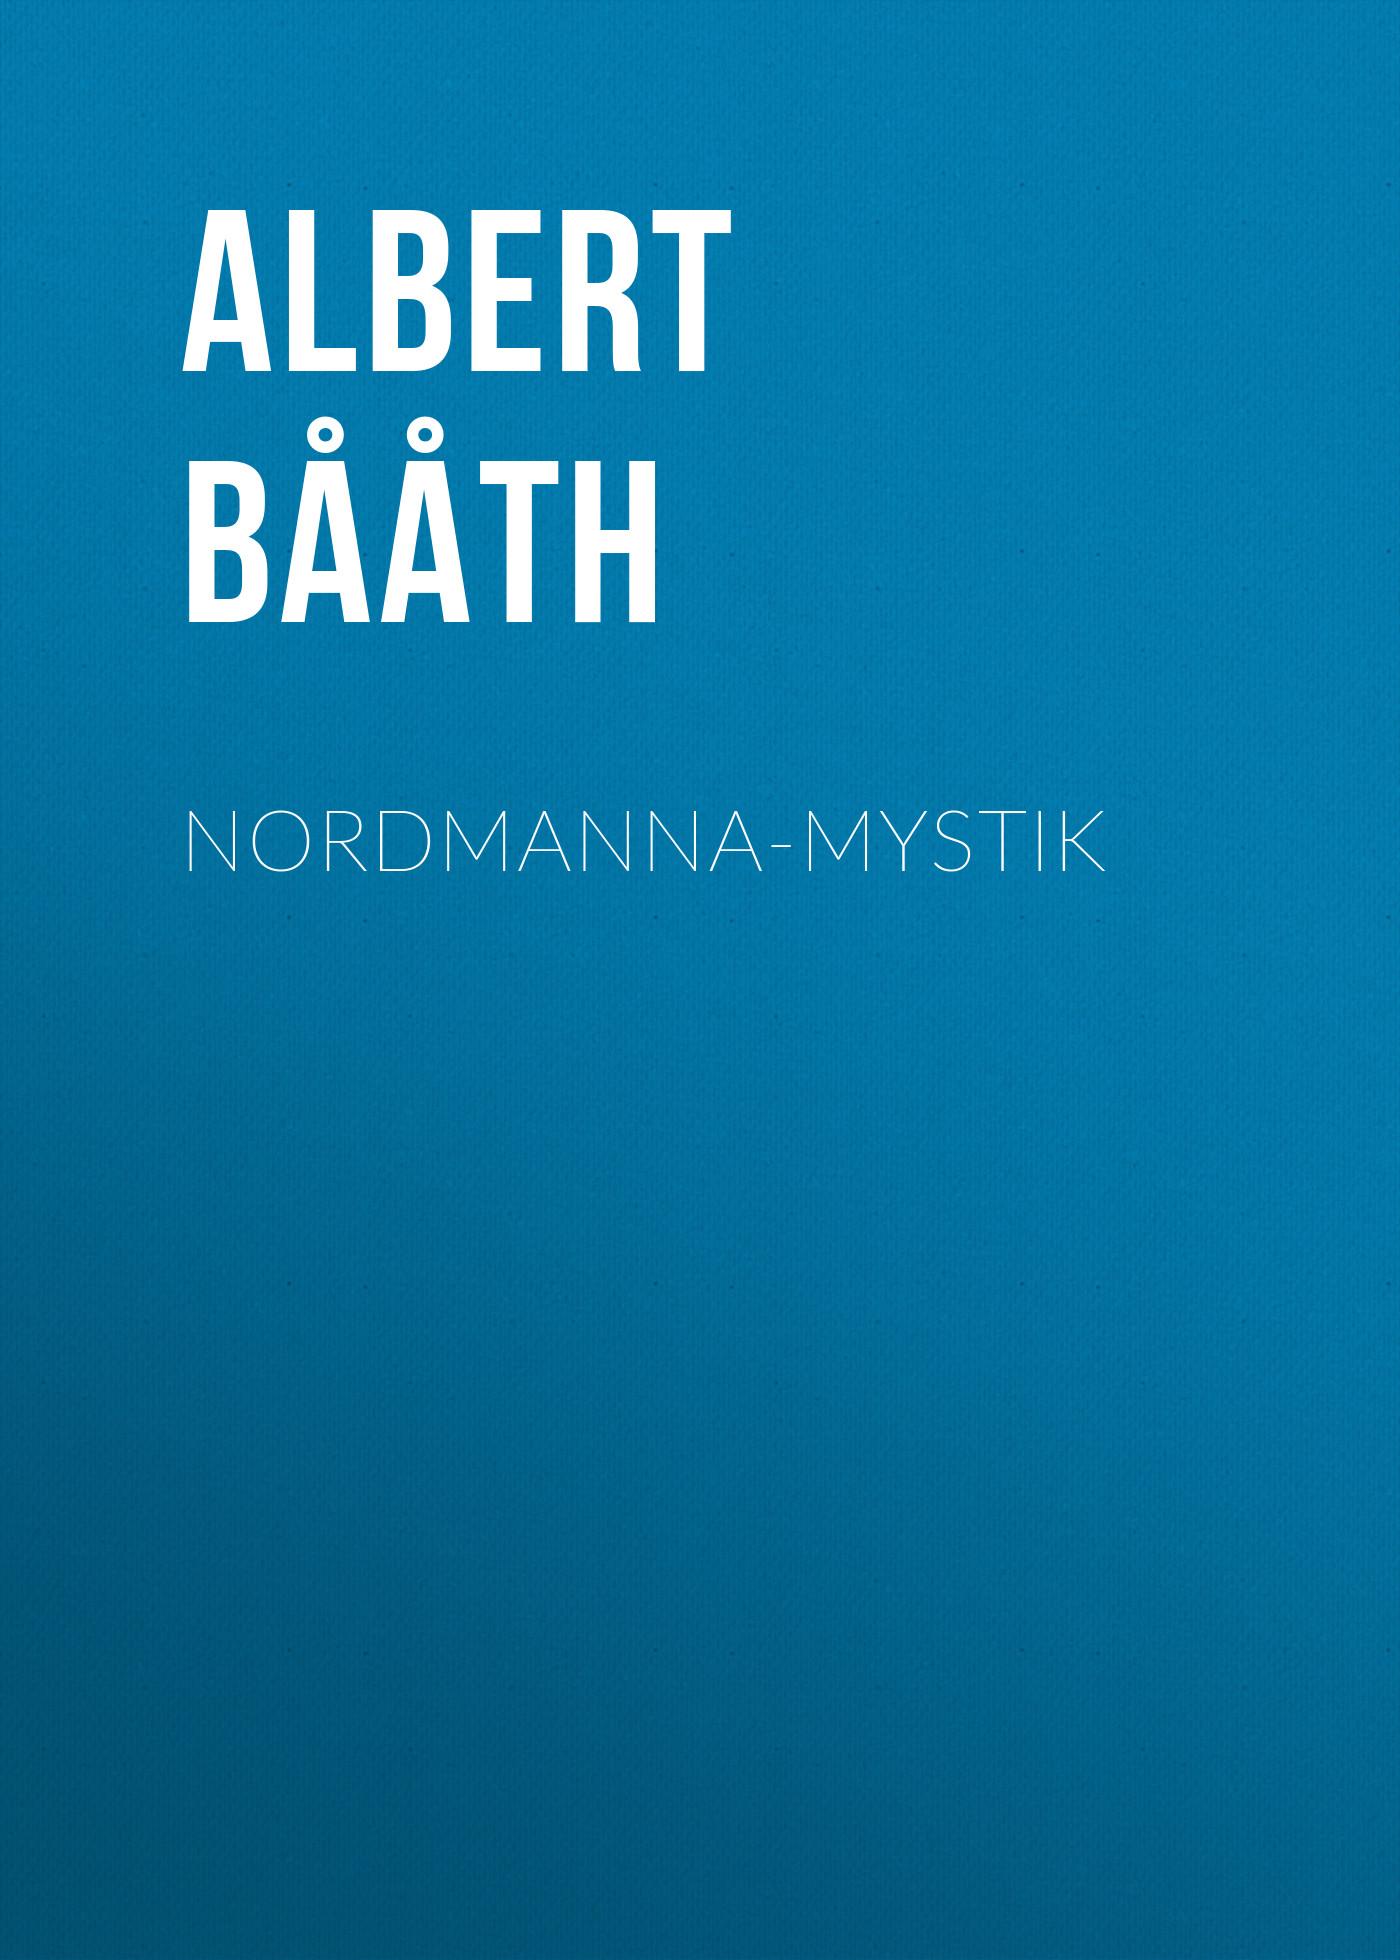 nordmanna mystik